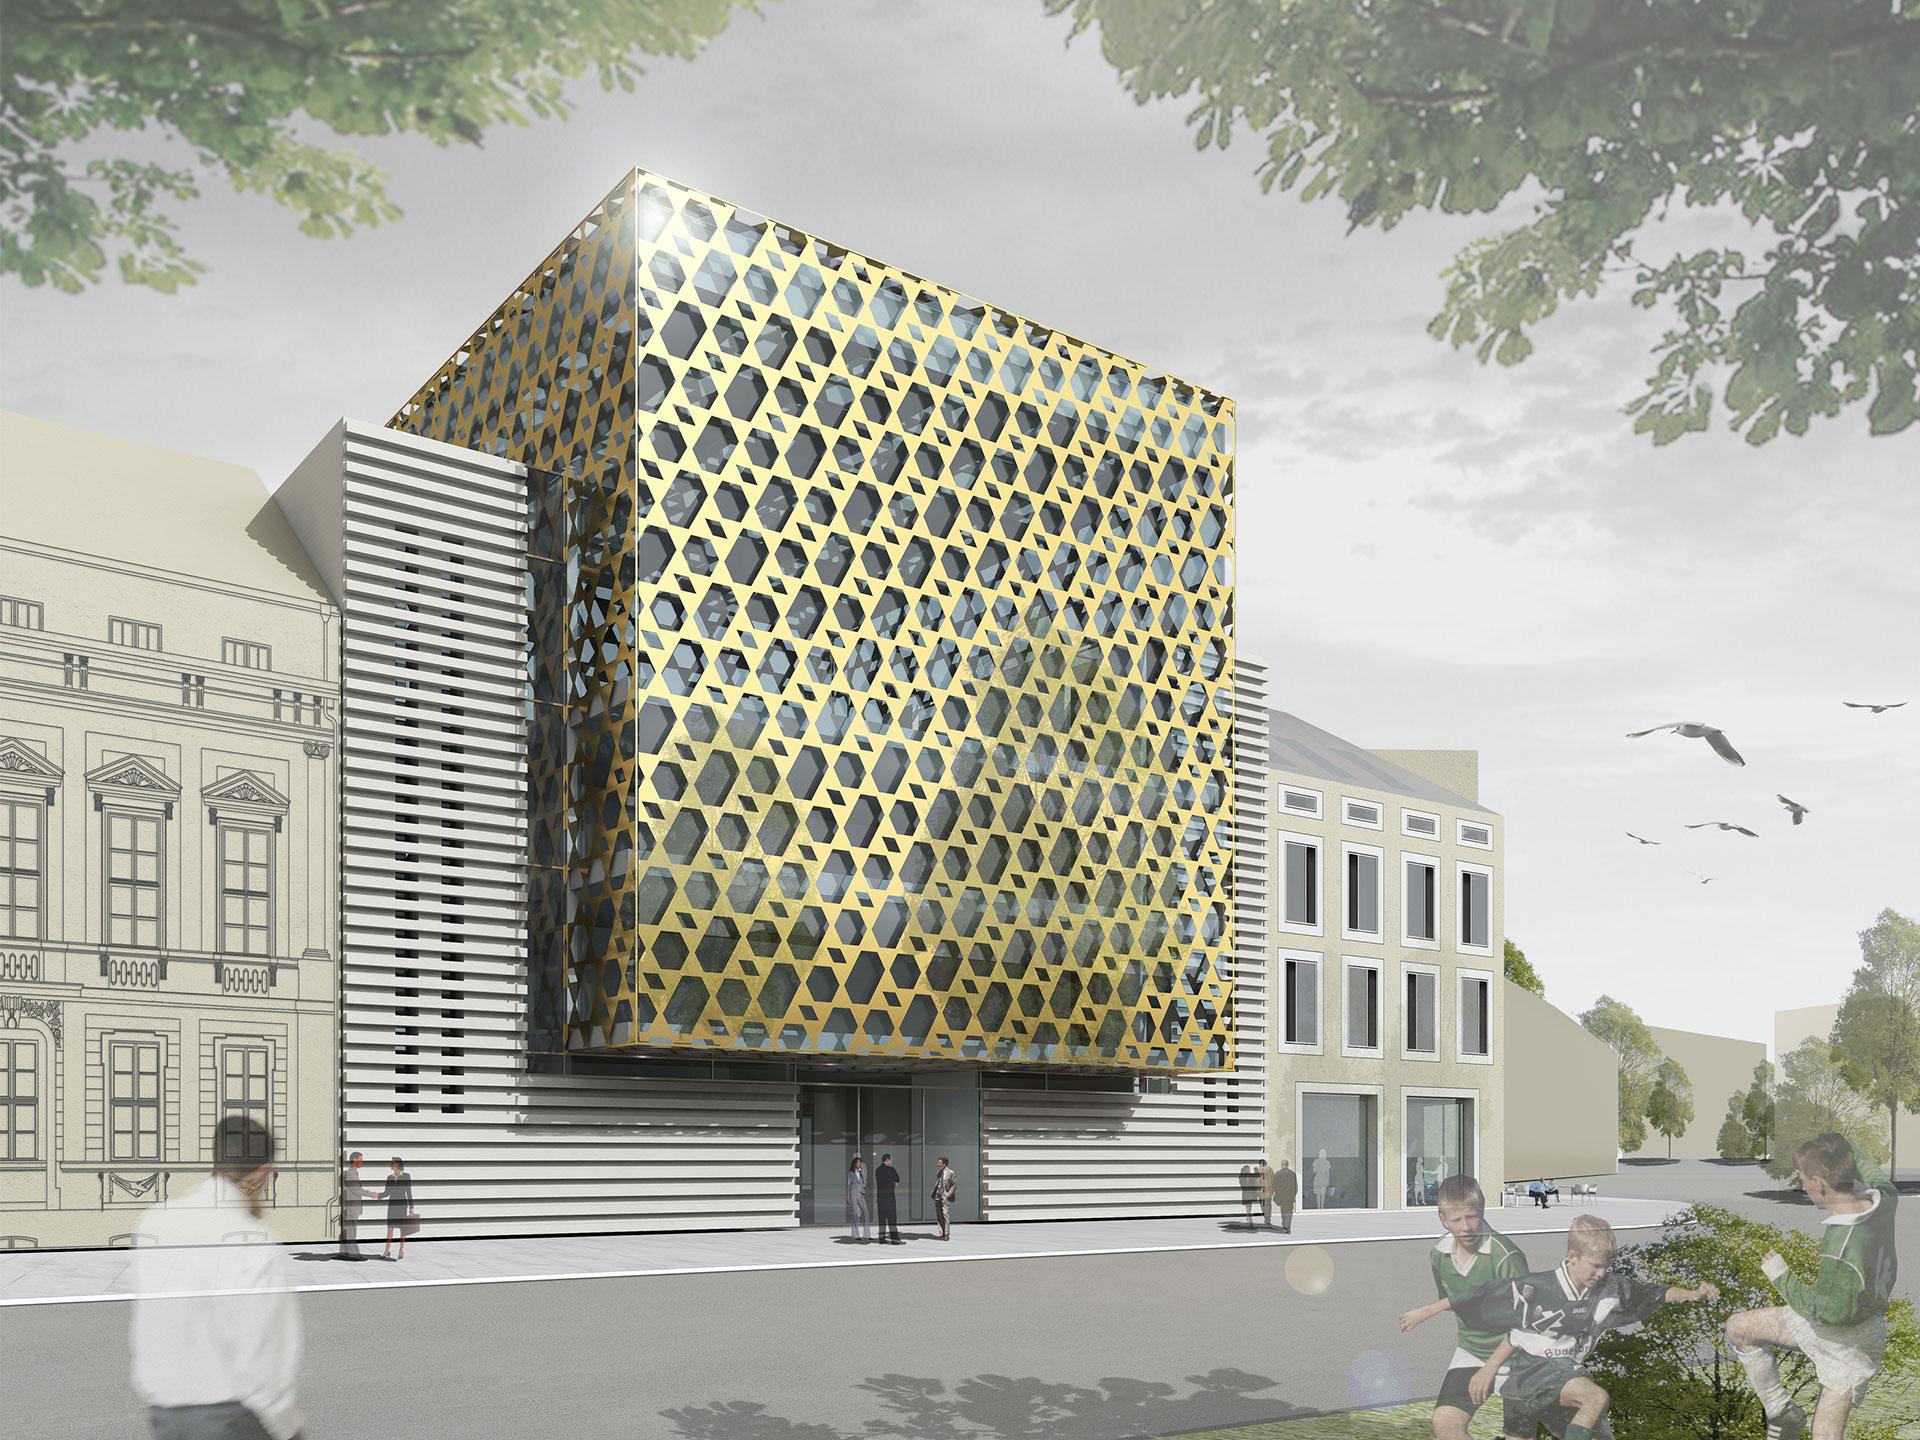 Ksv neue synagoge potsdam for Designhotel potsdam